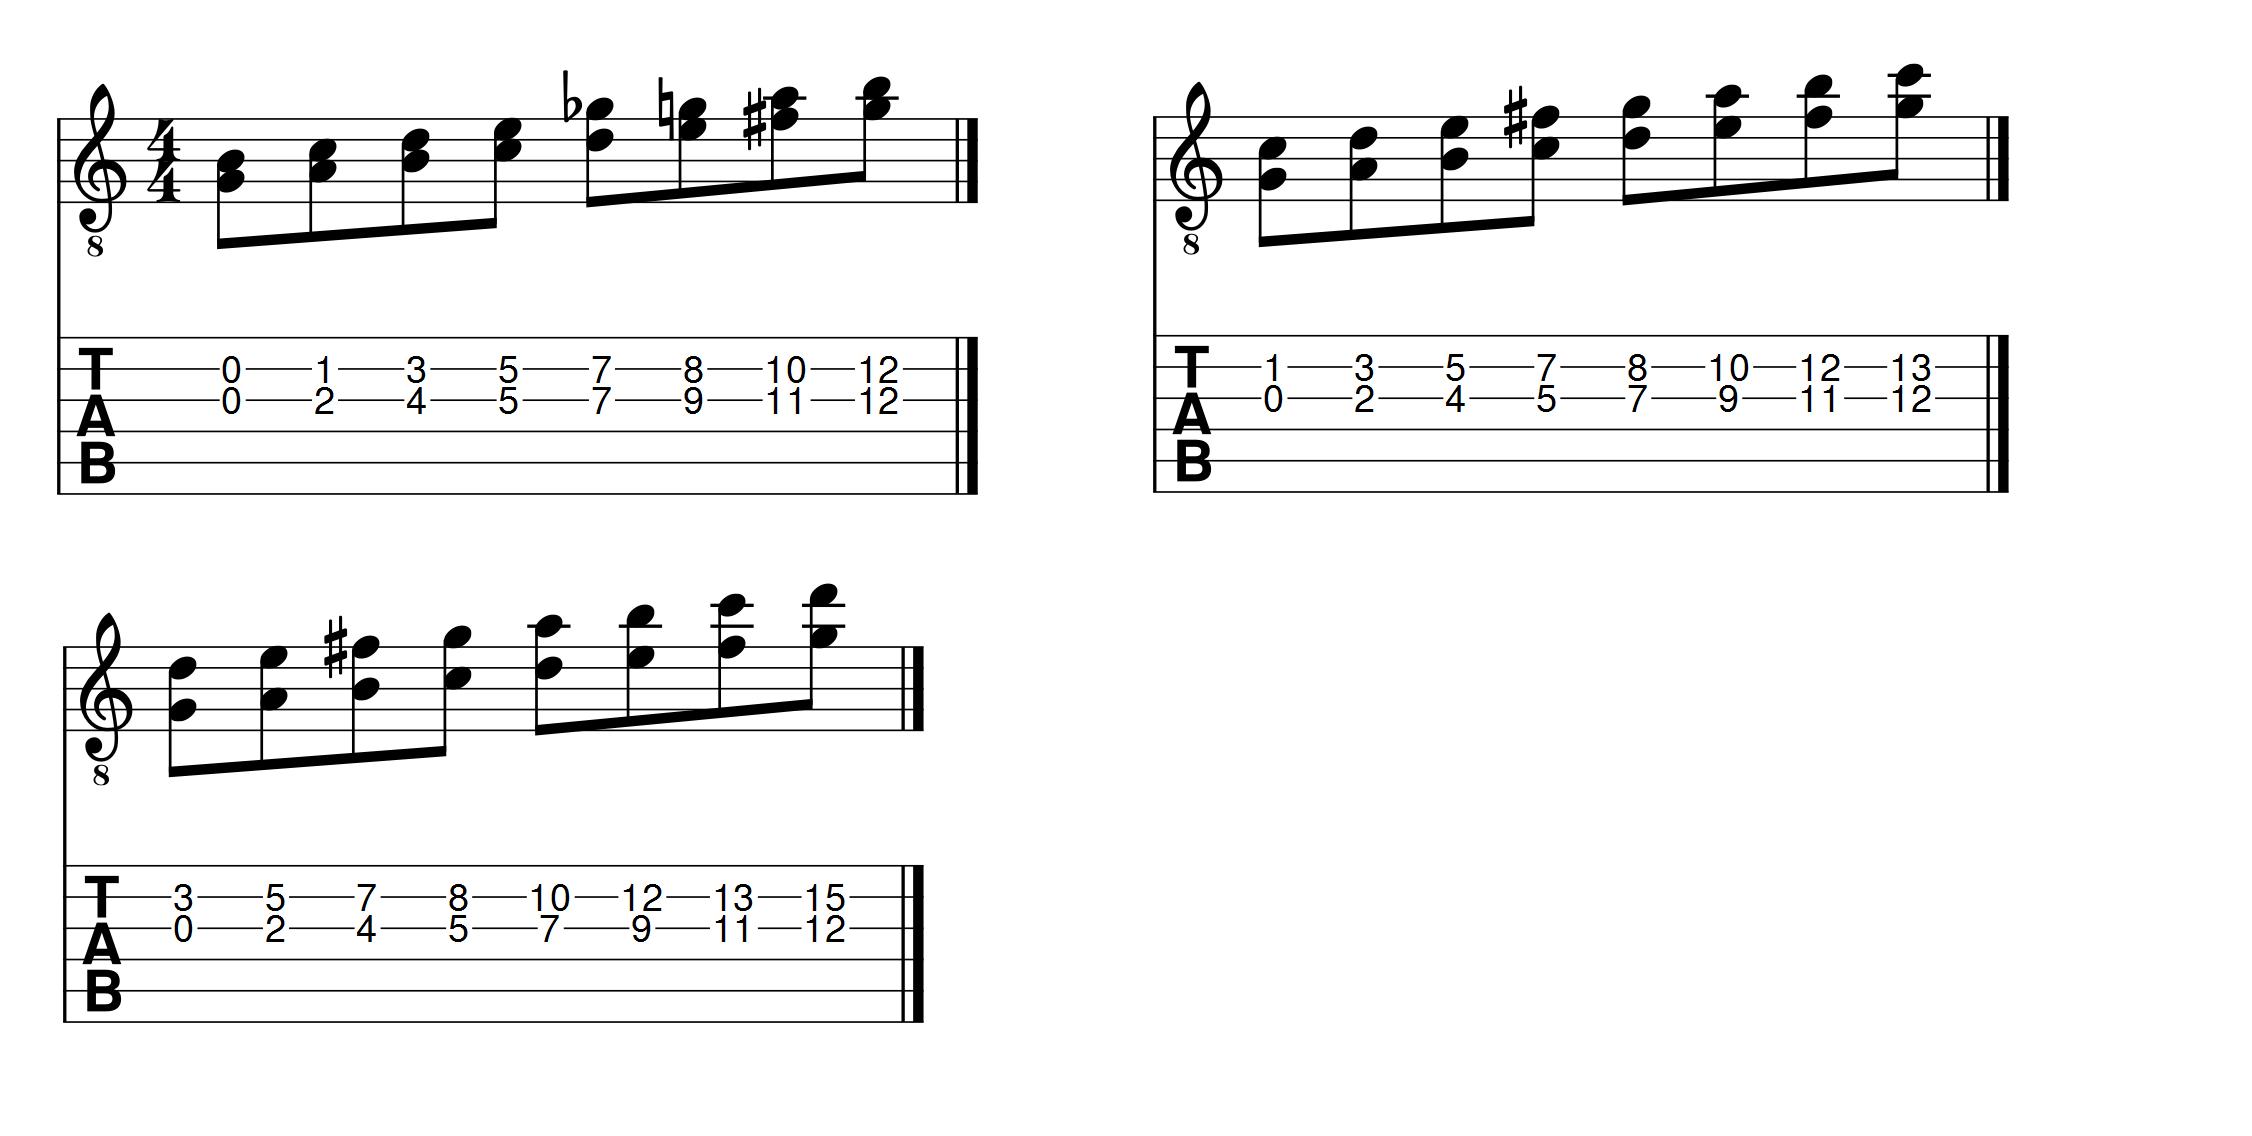 gamme-majeure-jouée-sur-deux-cordes